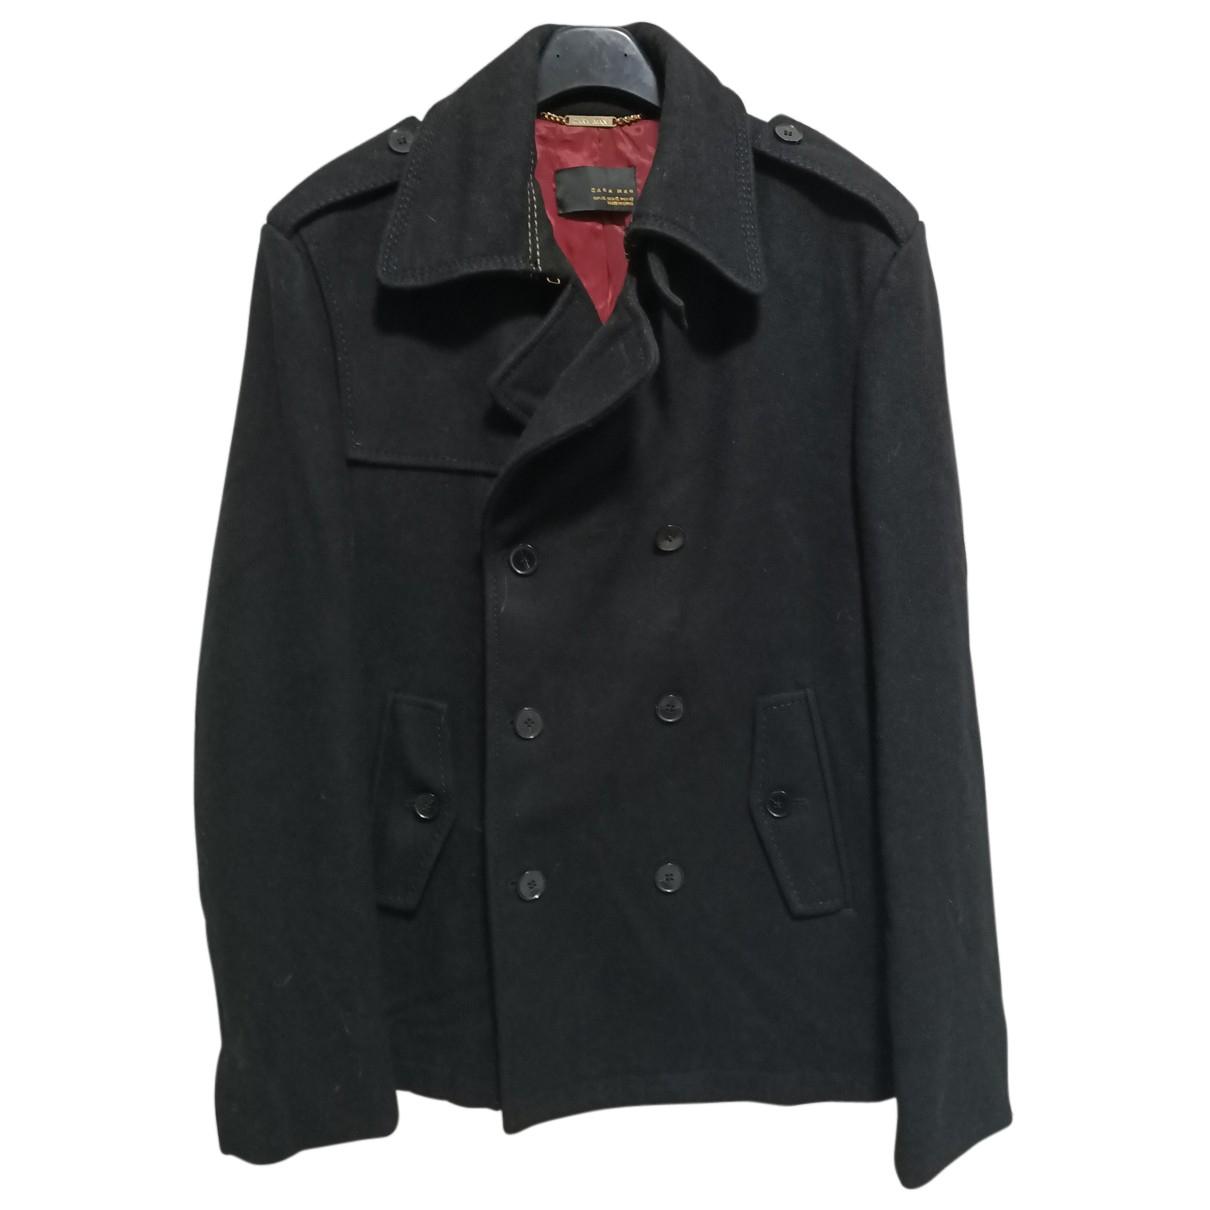 Zara - Manteau   pour homme en laine - noir